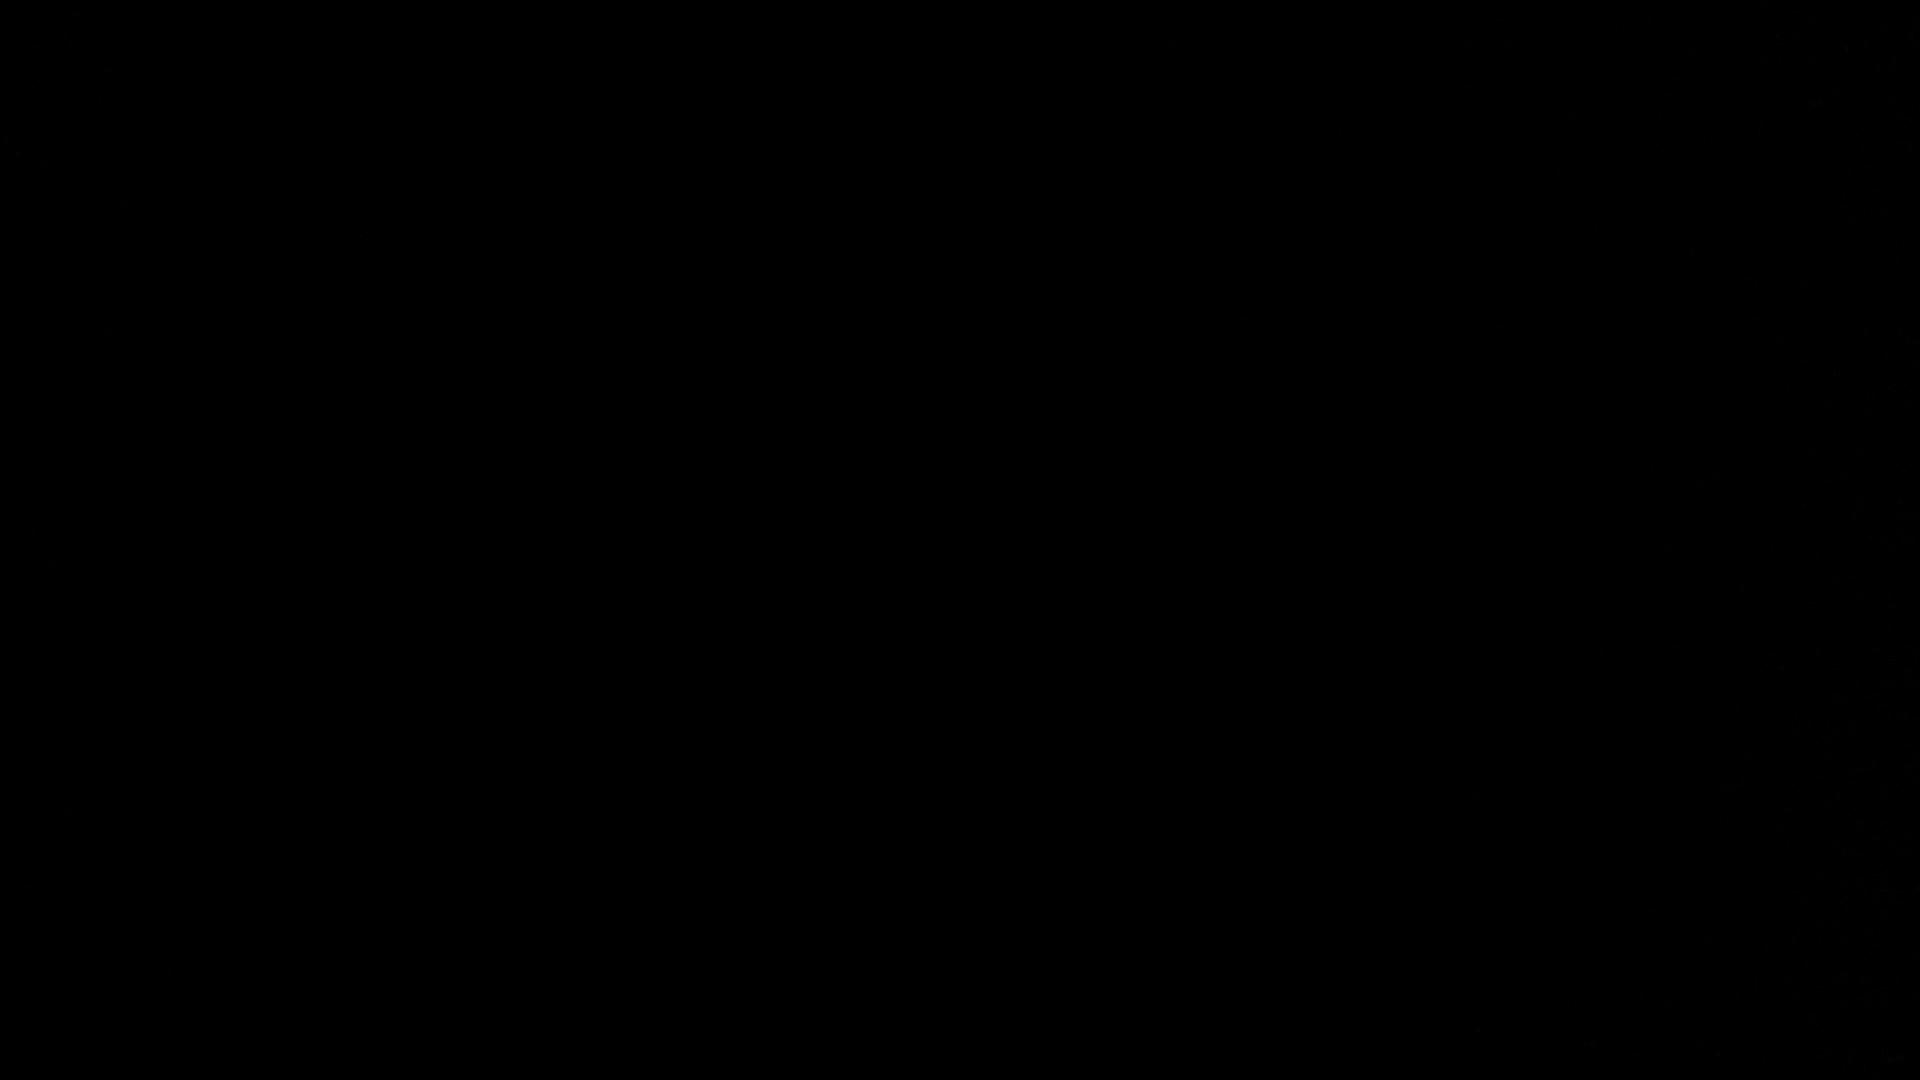 ゆめかわ男子のゆめかわオナニージャニーズ編vol.09 手コキ ゲイセックス画像 76連発 19